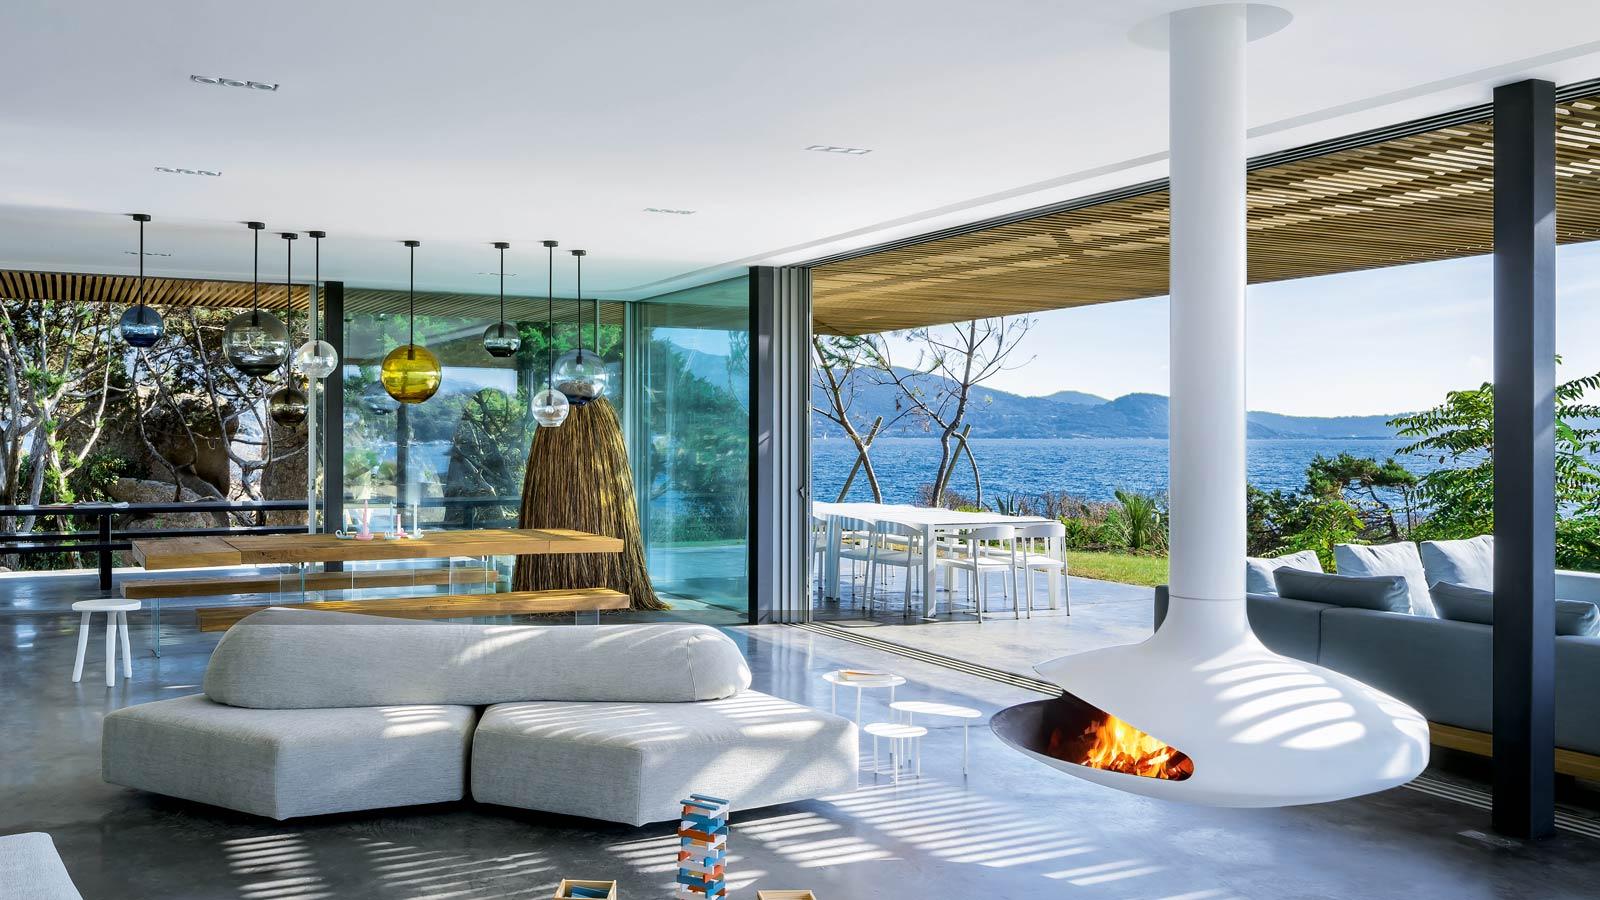 Focus camini di design stufe e barbecues contemporanei focus - Caminetto esterno moderno ...